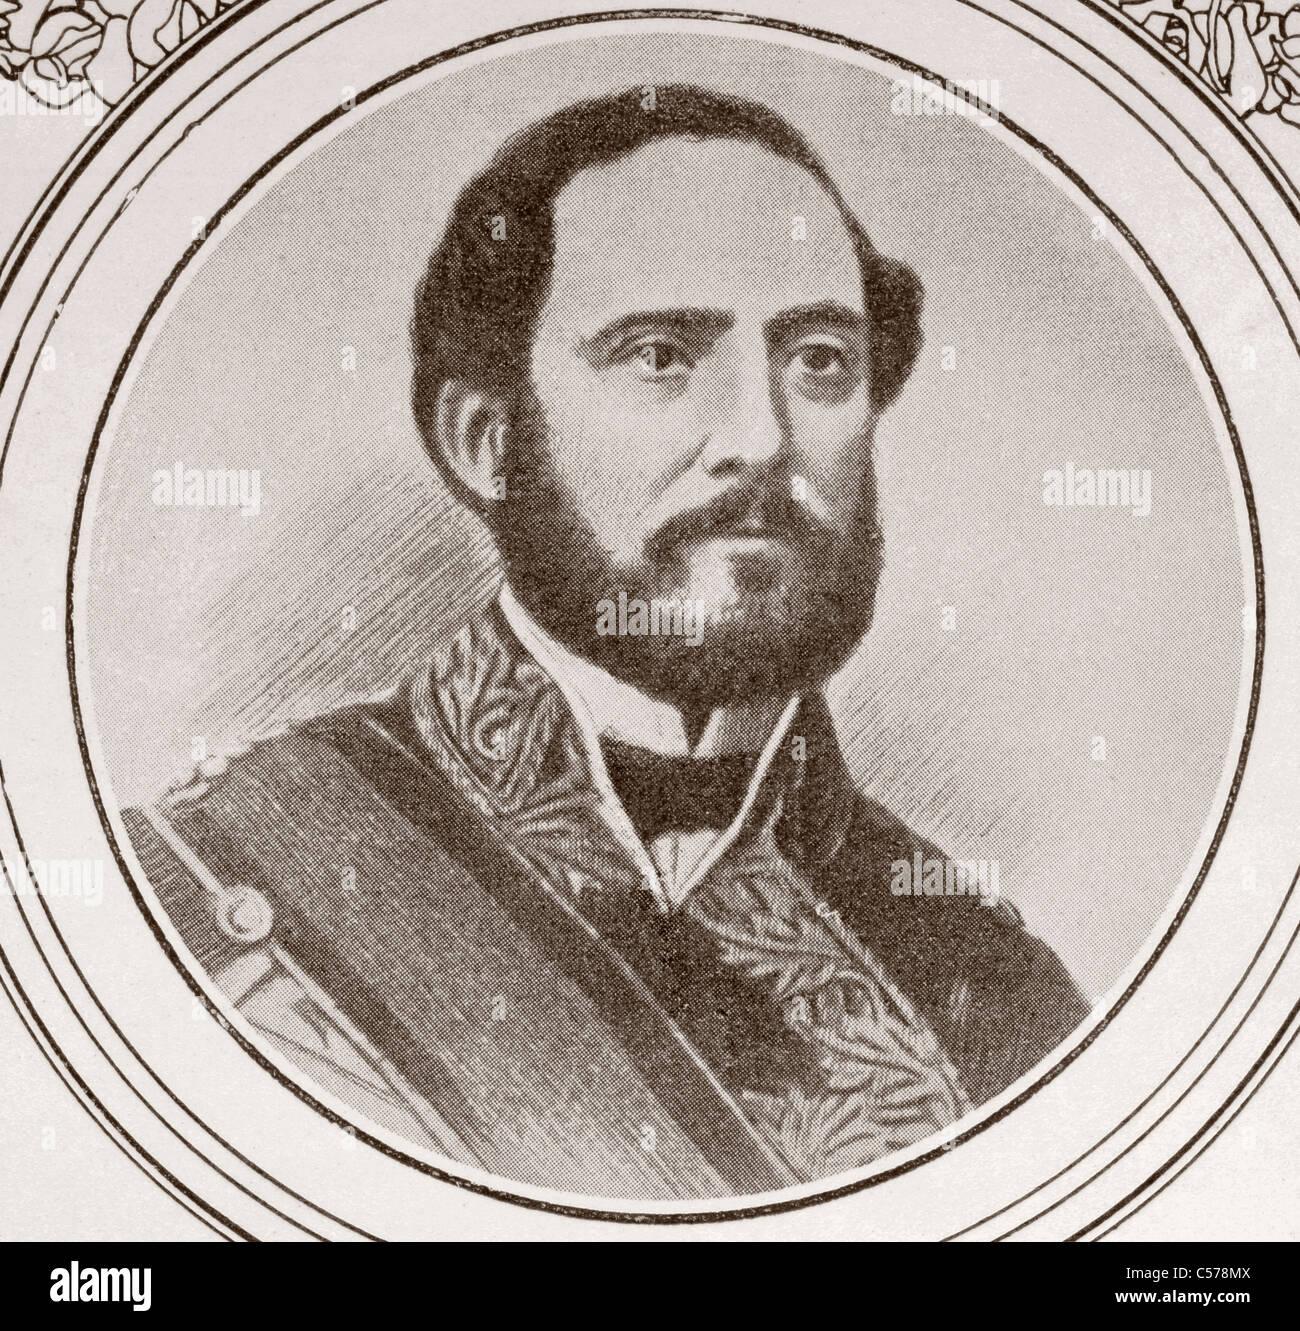 Juan oder Joan Prim. 1814 - 1870. Bekannt in katalanischer Sprache als Joan Prim i Prats. Katalanische Soldat und Stockbild